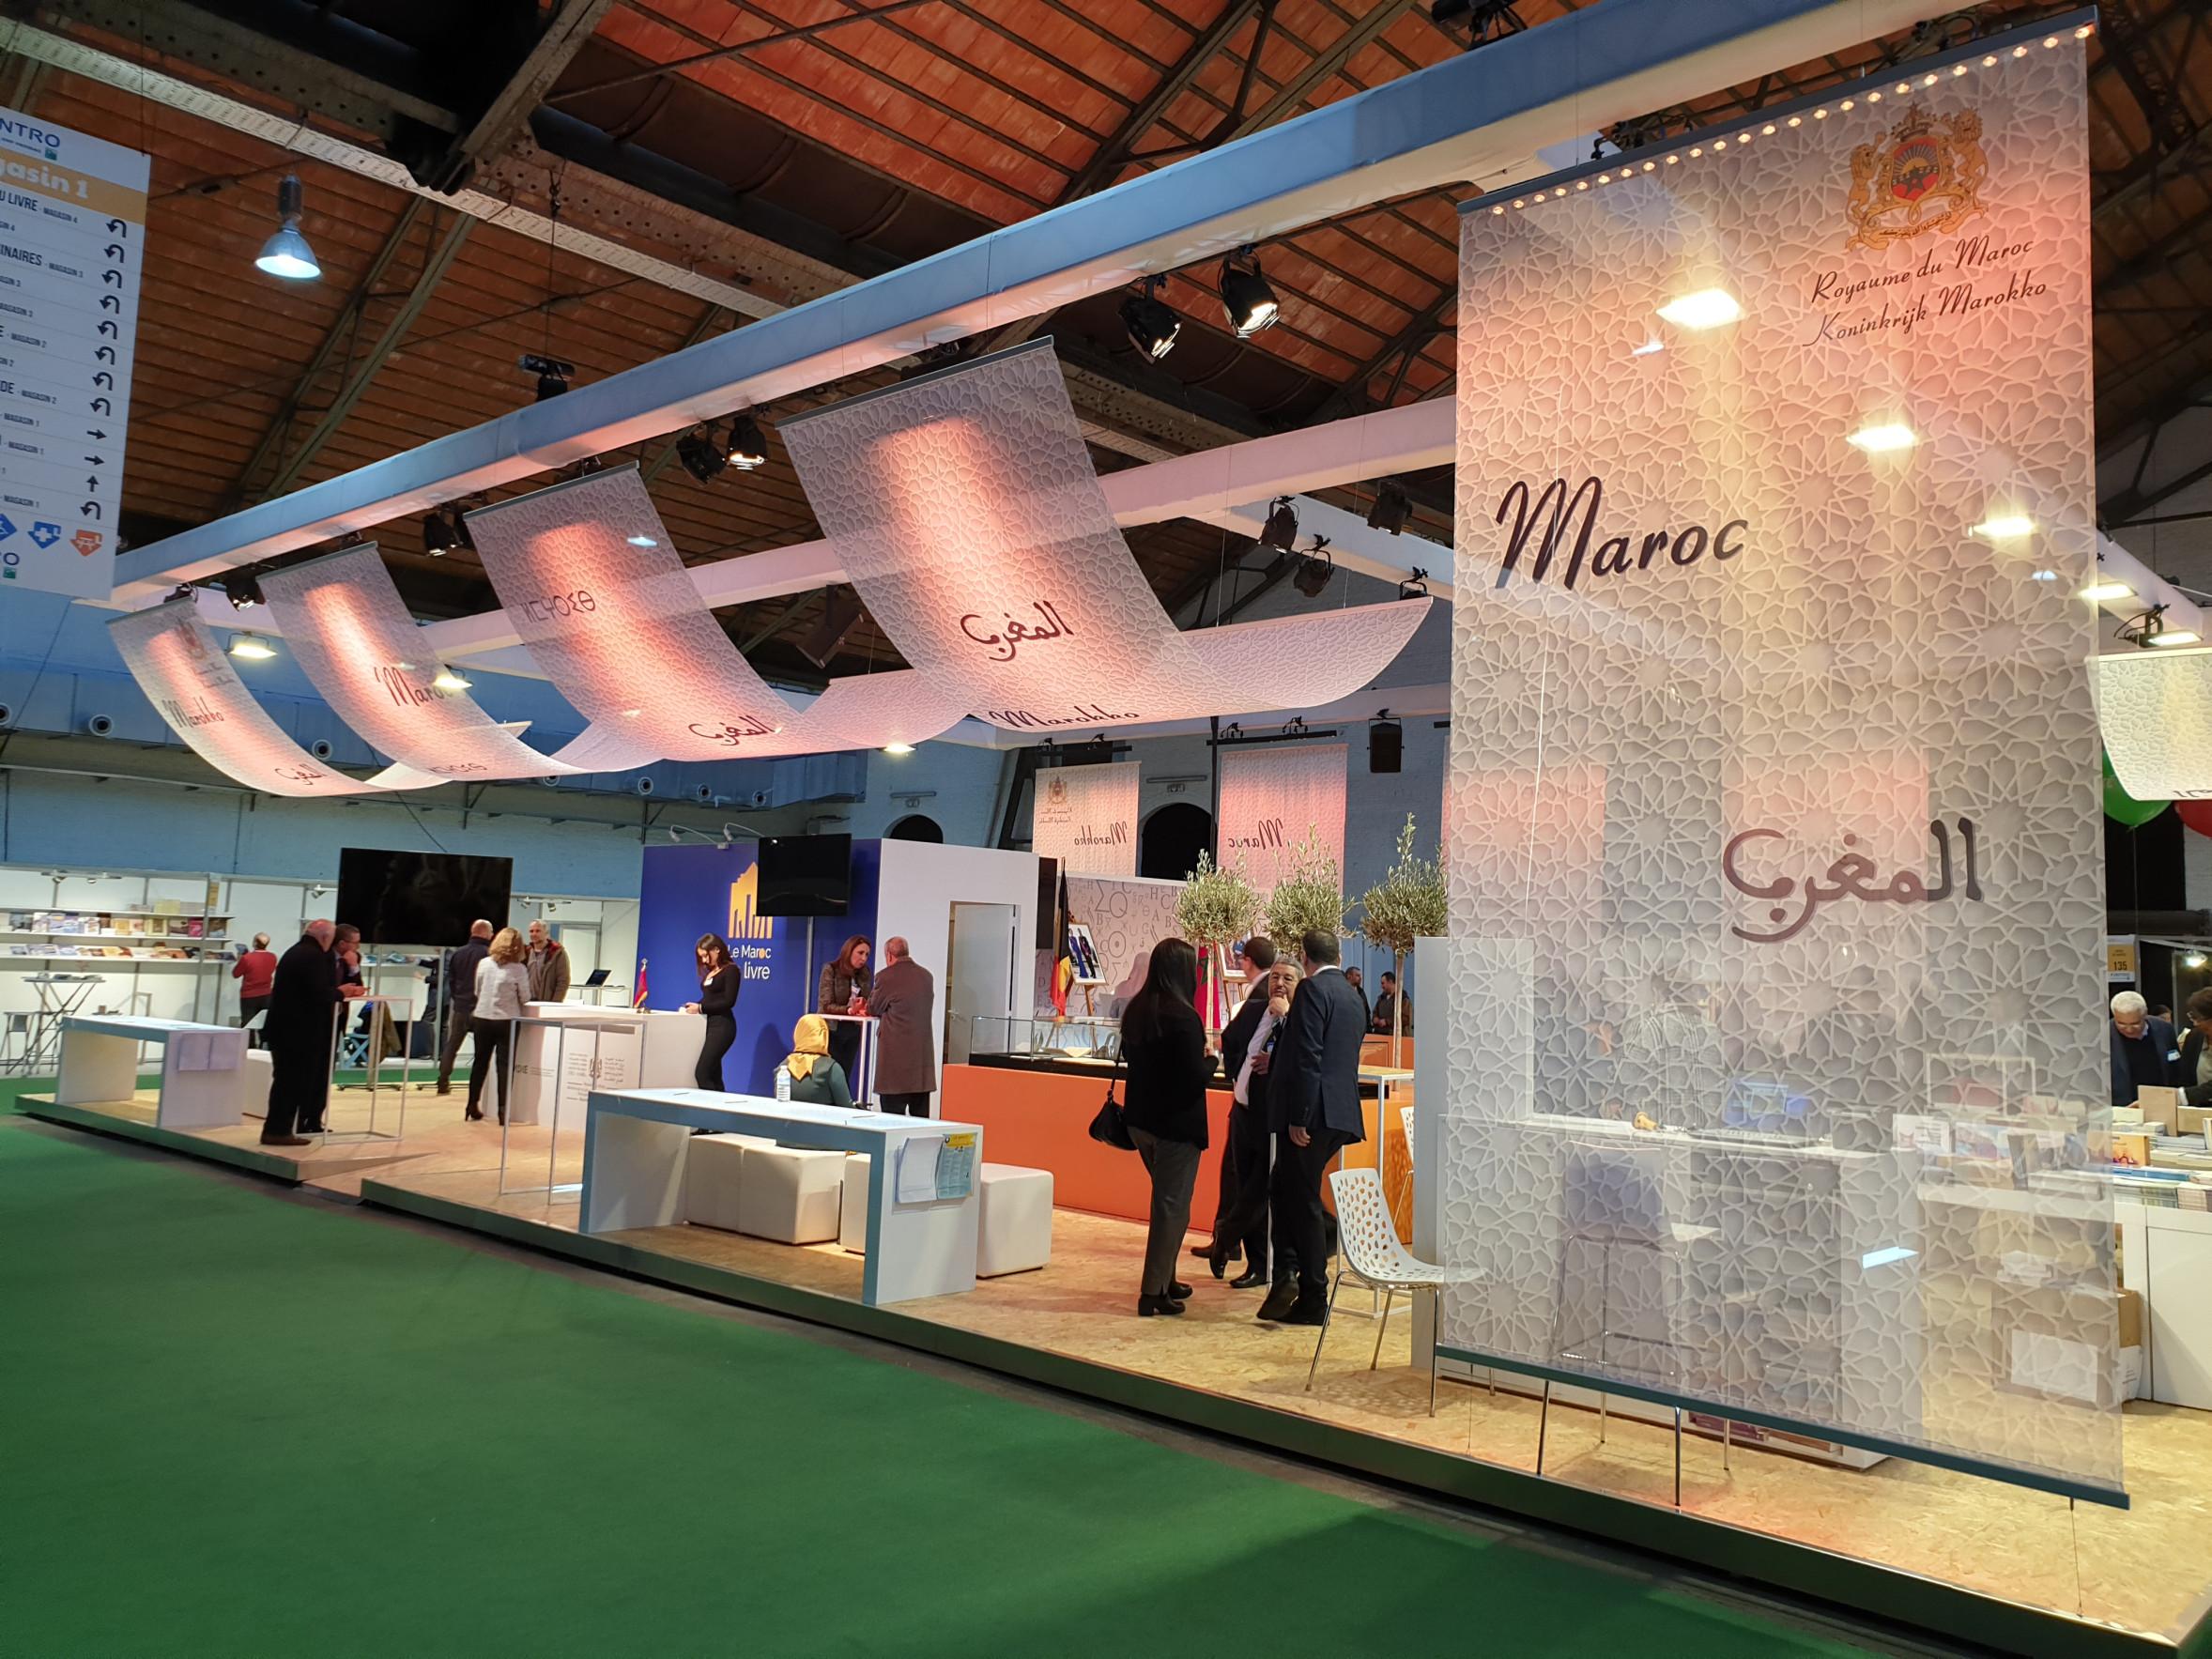 104_Airtex en Voile textiel_GL Events stand Marokko op Foire du Livre